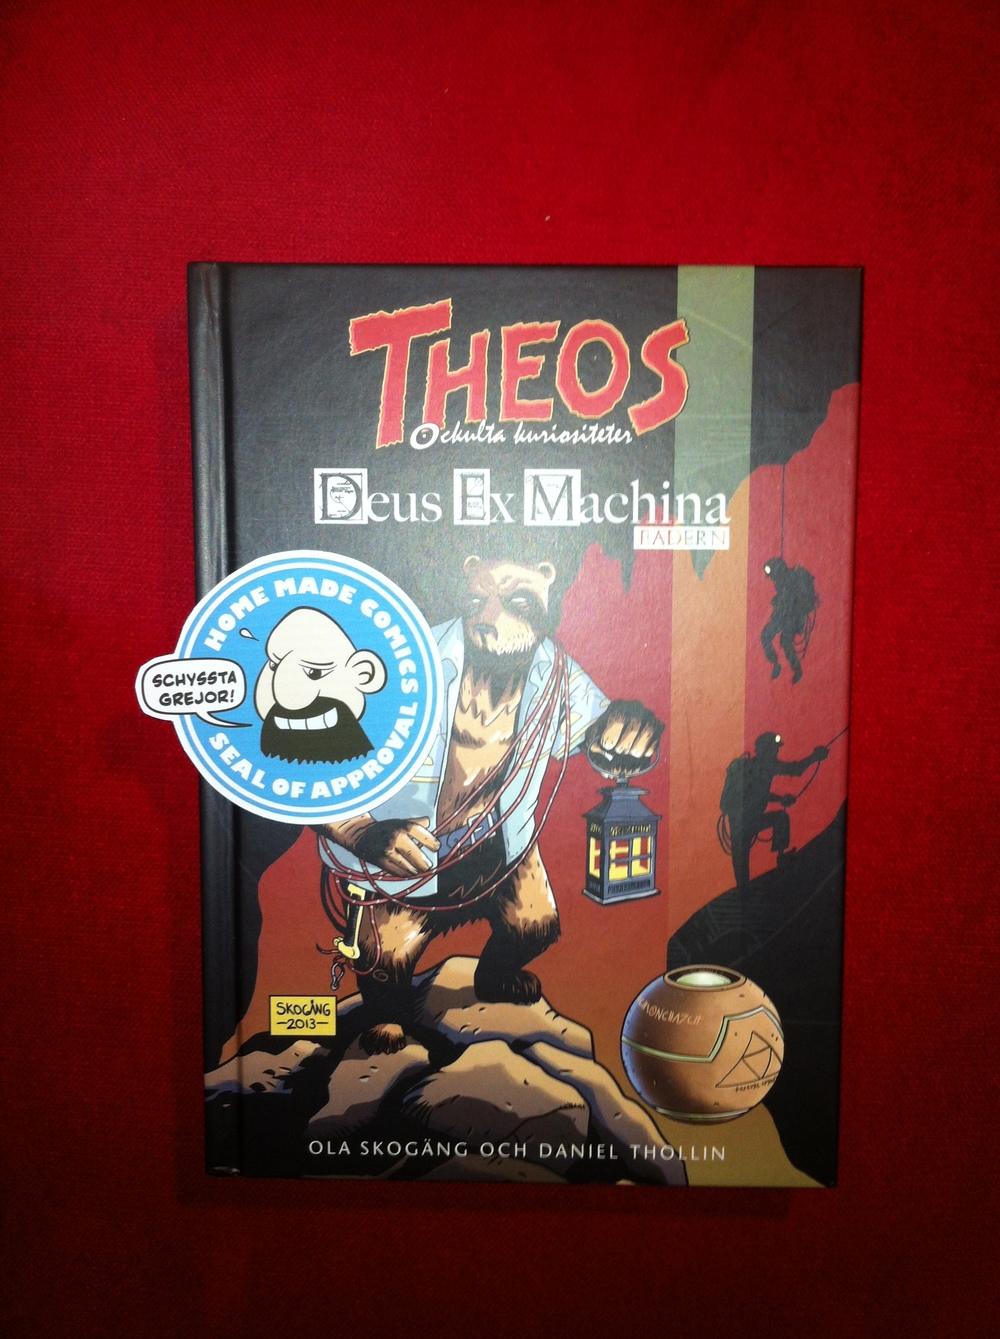 001 20130520 Theos Okulta kuriositeter deus Ex Machina.jpg